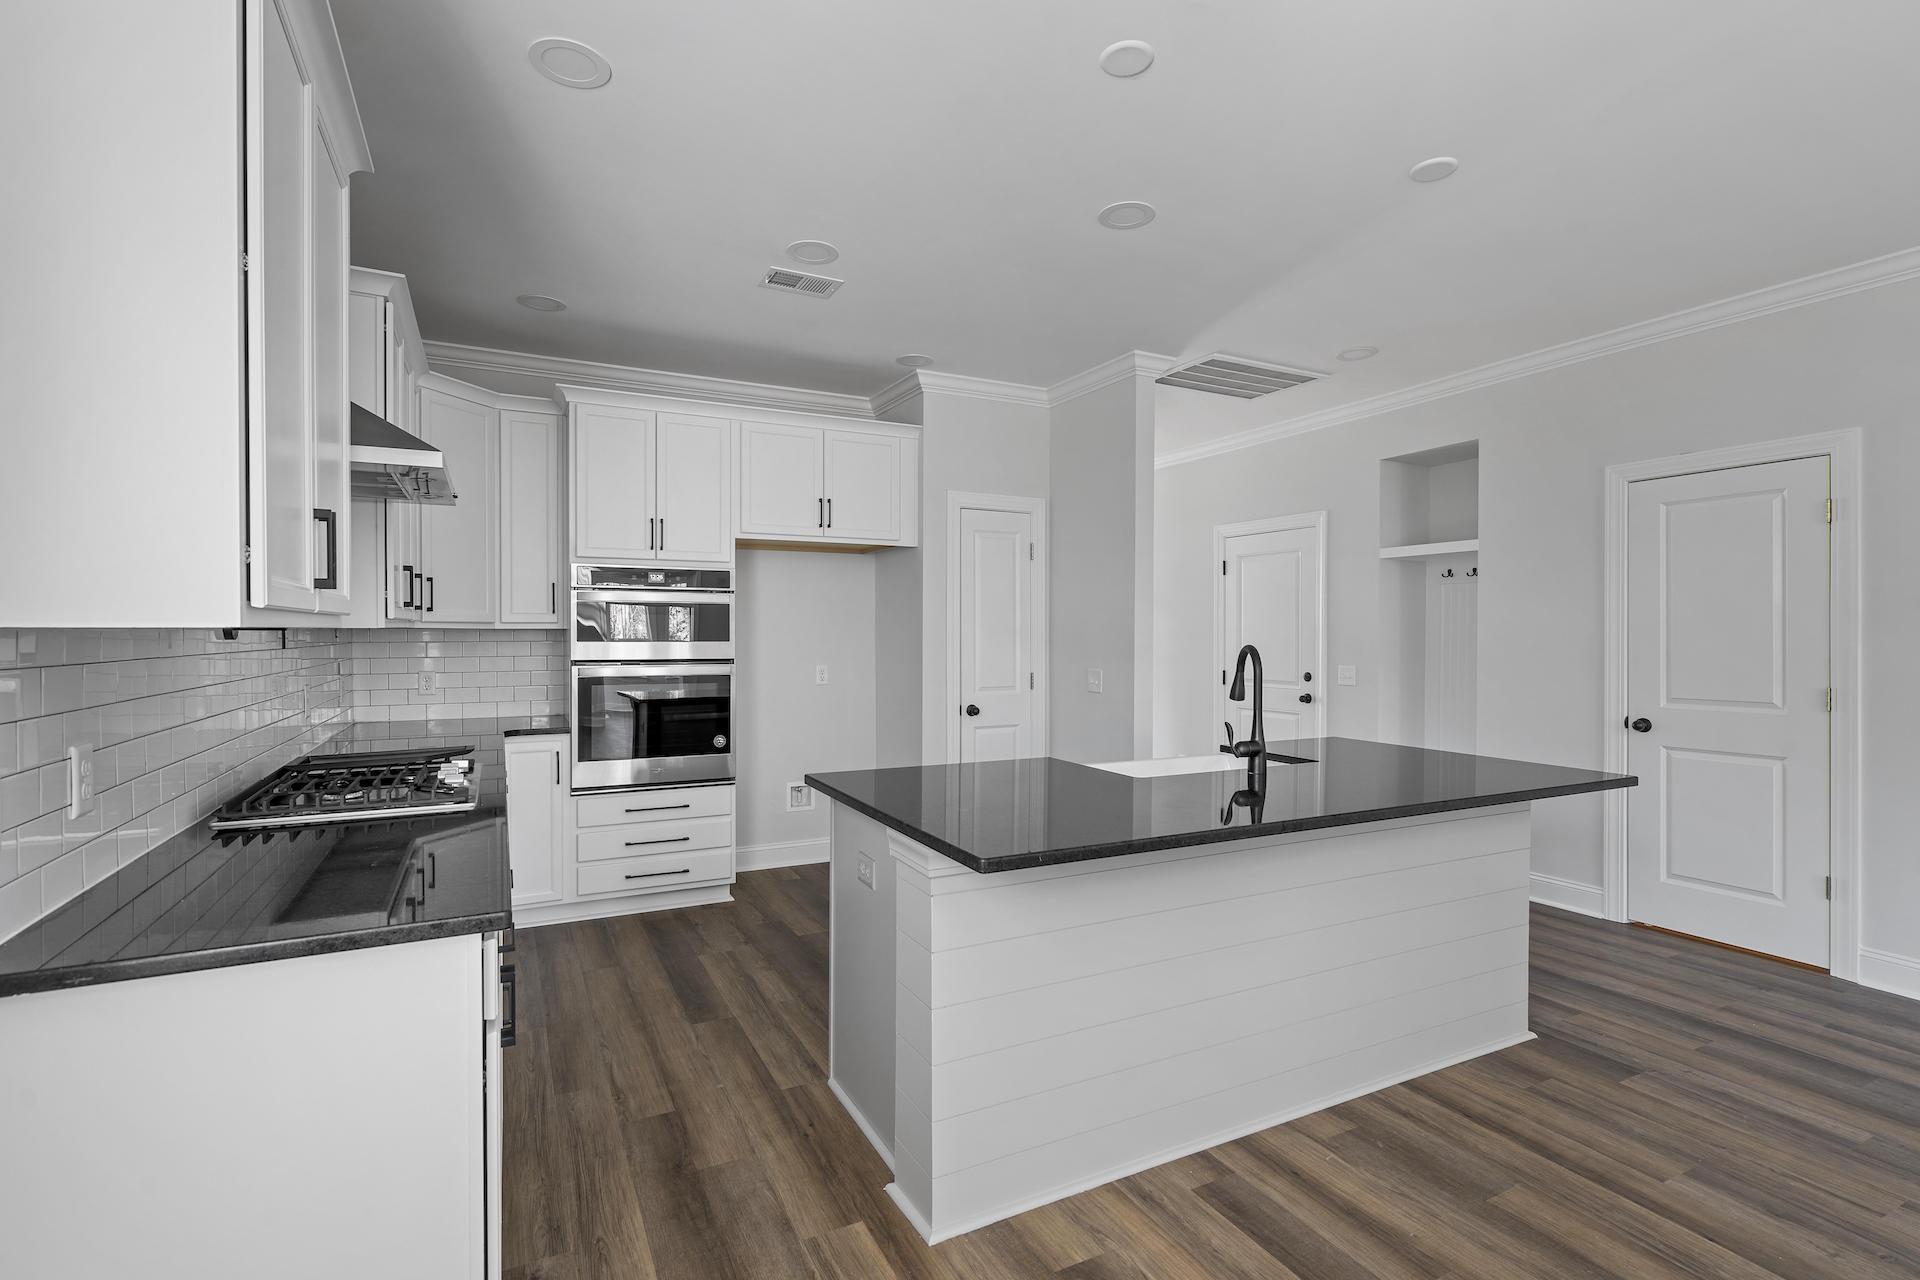 Park West Homes For Sale - 1504 Hopkins, Mount Pleasant, SC - 9